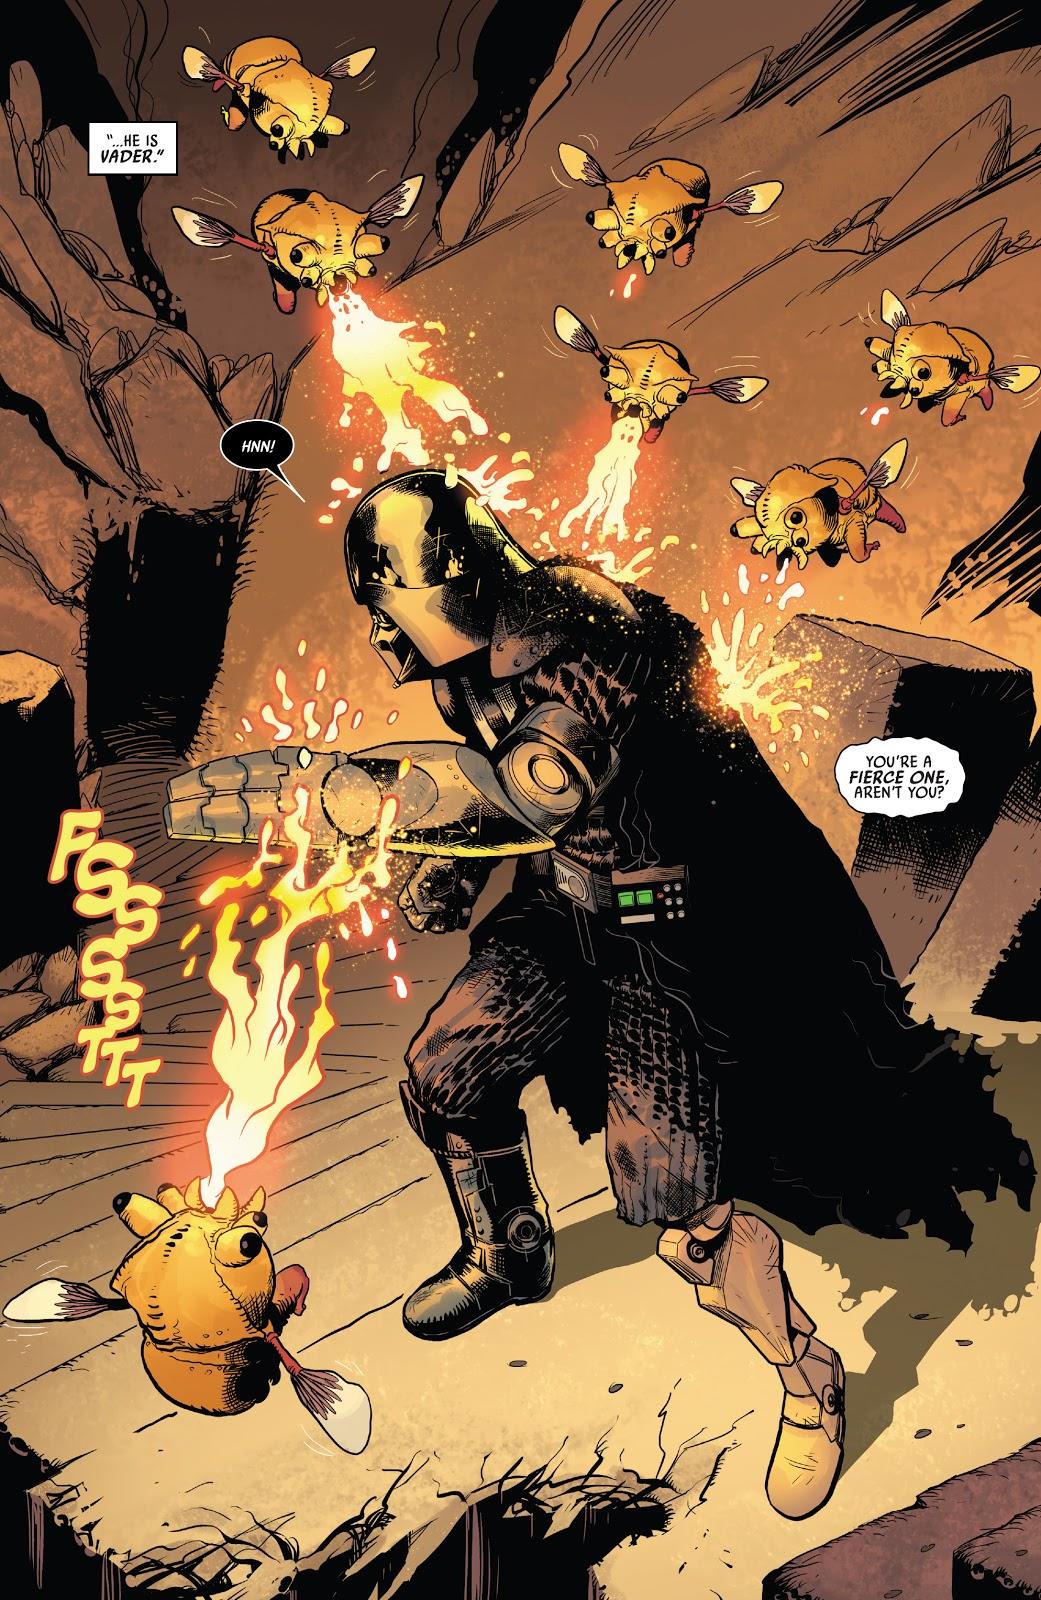 Star Wars Darth Vader Vol. 1 #8